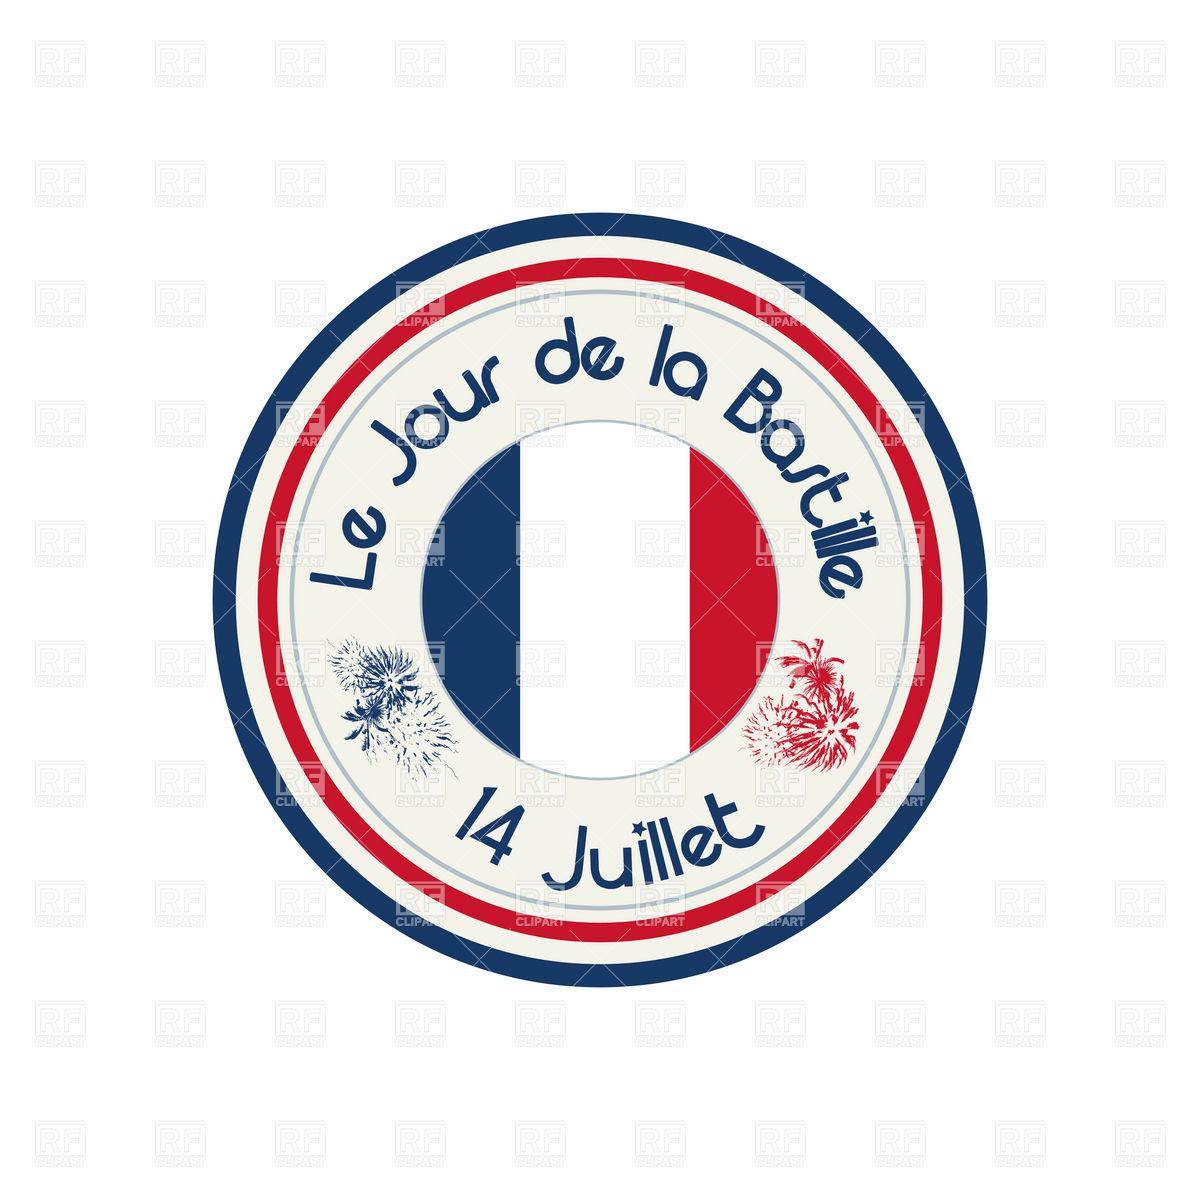 Bastille Day celebration stamp Vector Image #6503.